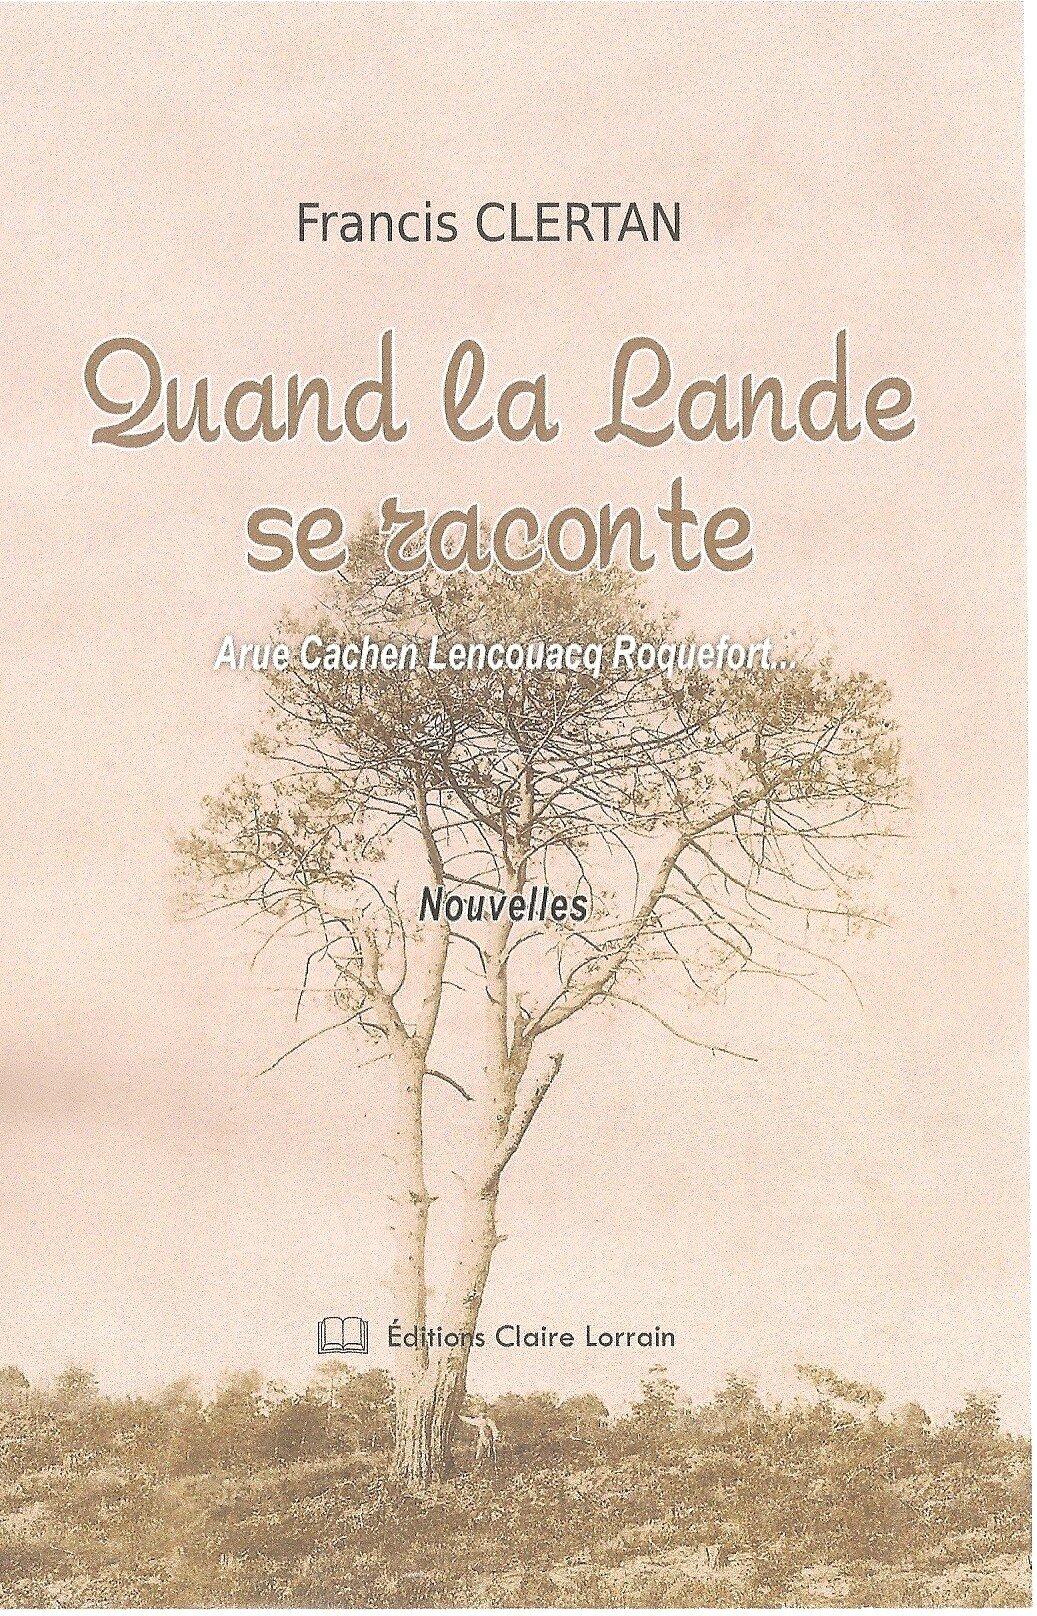 Quand la Lande se raconte : Arue, Cachen, Lencouacq, Roquefort de Francis CLERTAN